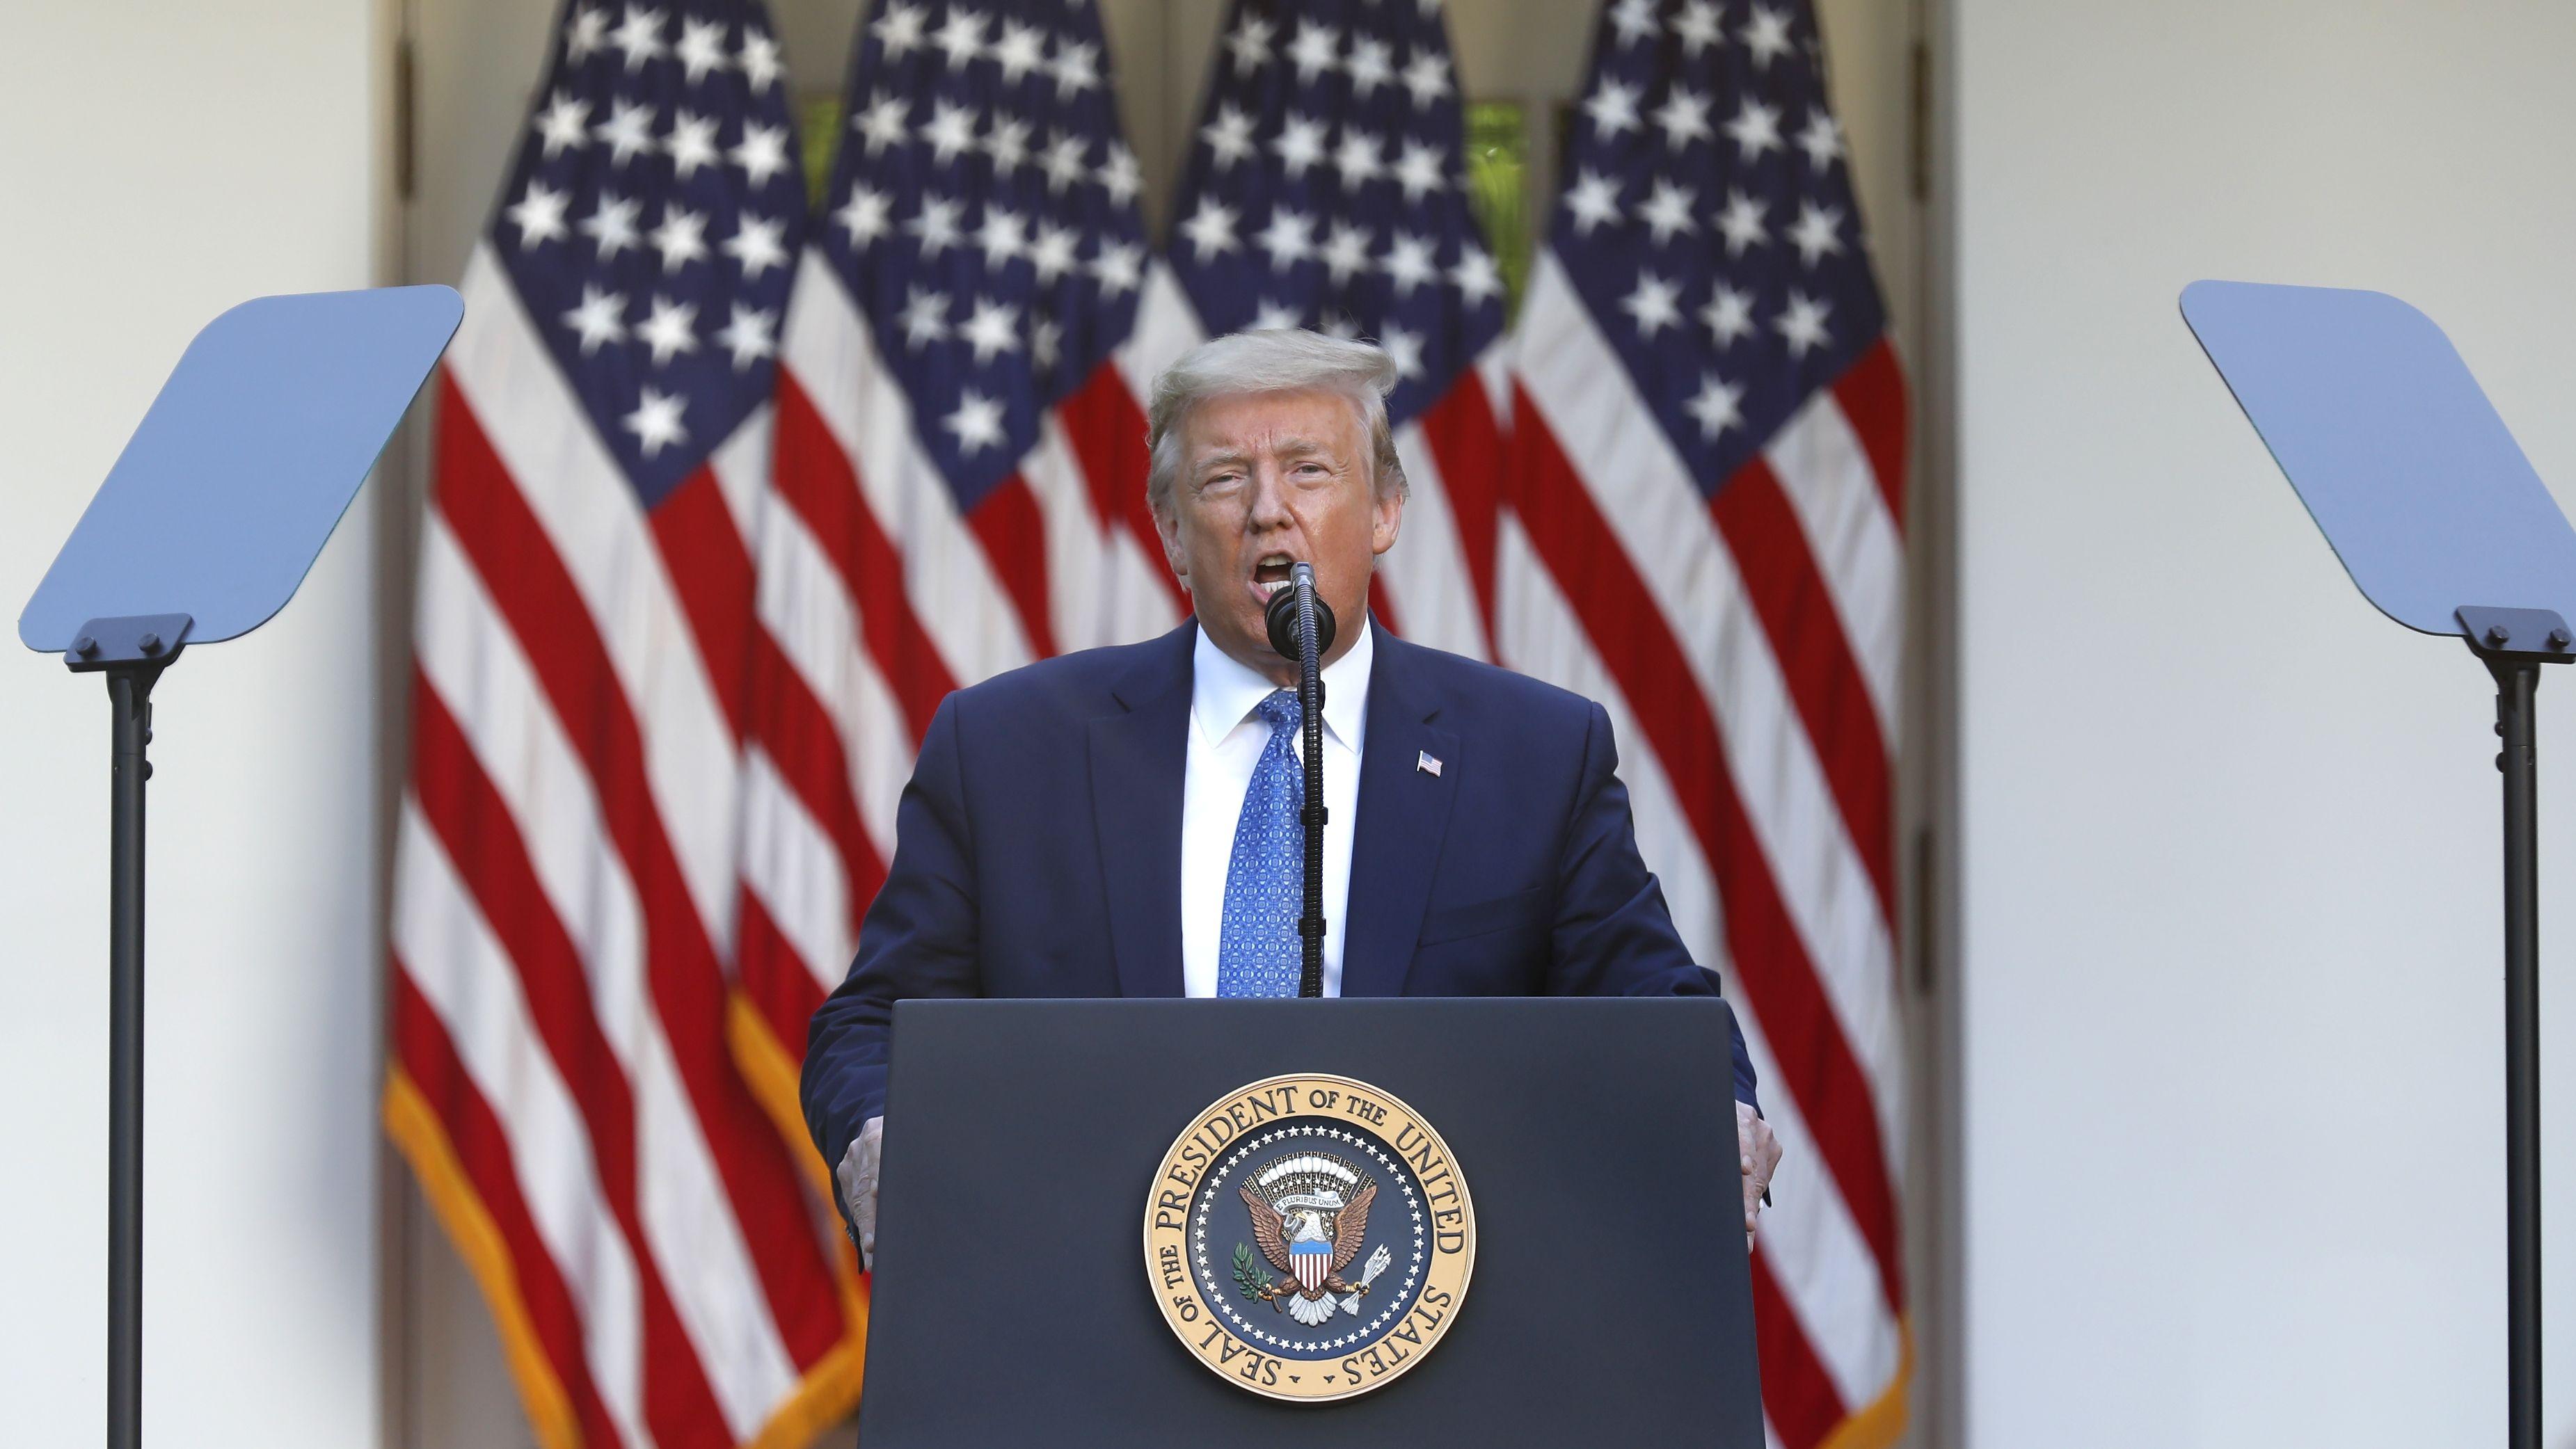 Seit Tagen ruft US-Präsident Trump die Gouverneure in den Bundesstaaten zu einem härteren Durchgreifen auf.